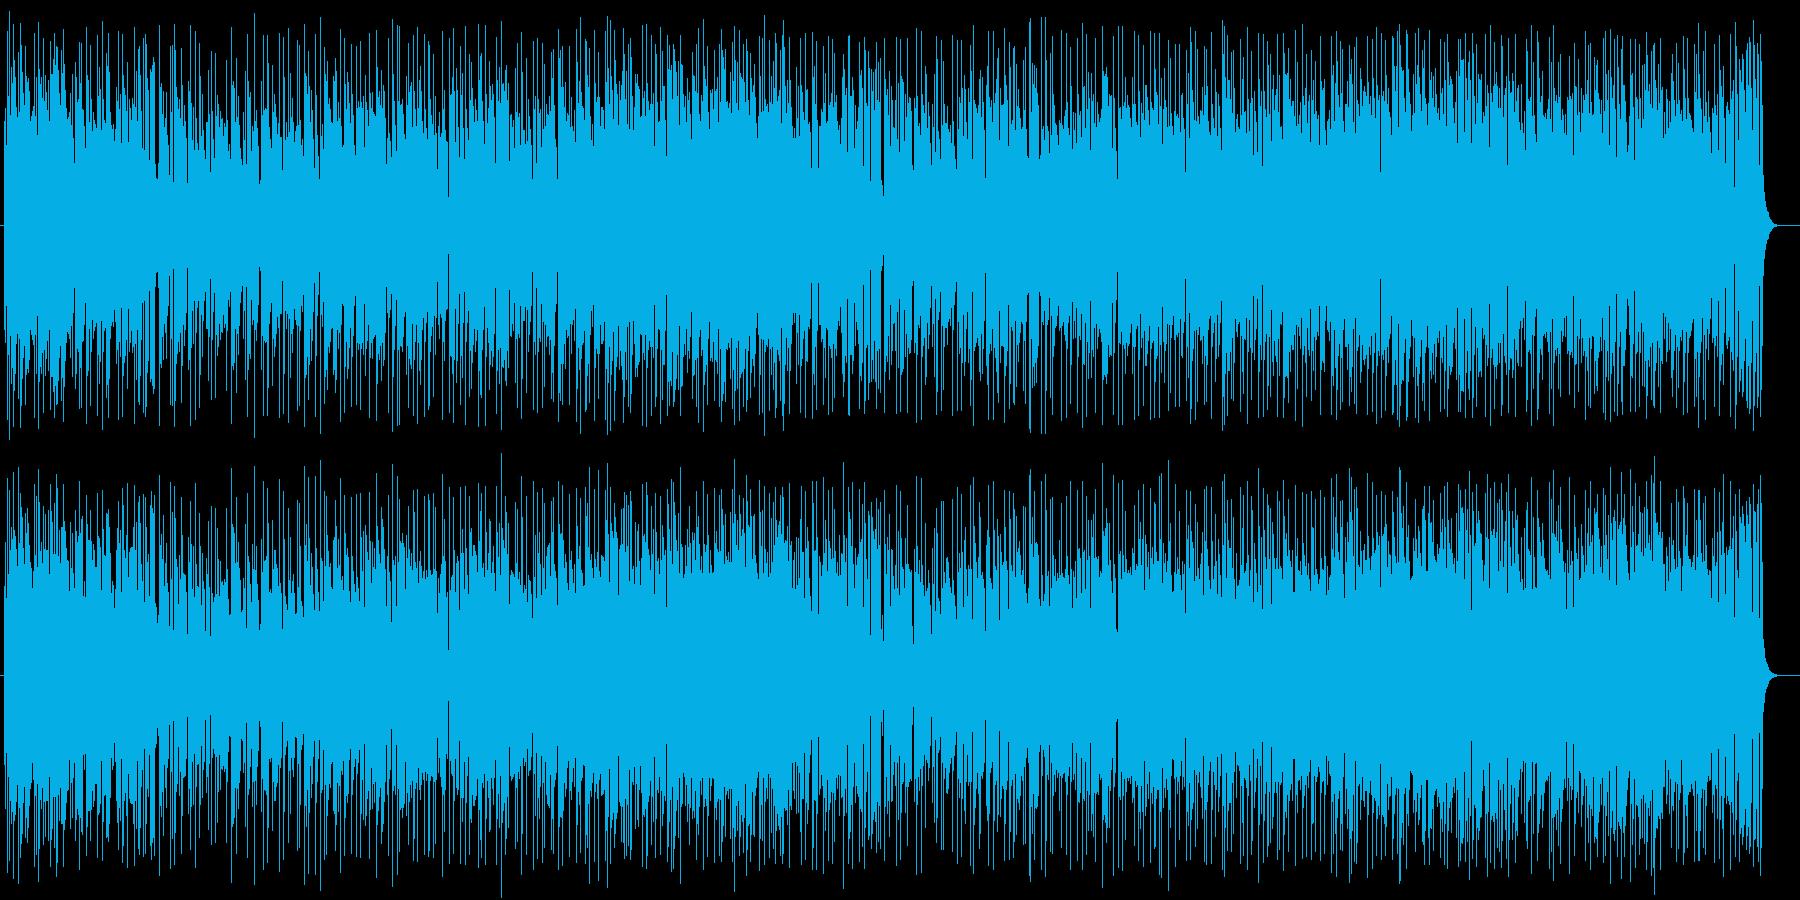 爽やかで軽快なファンファーレポップスの再生済みの波形